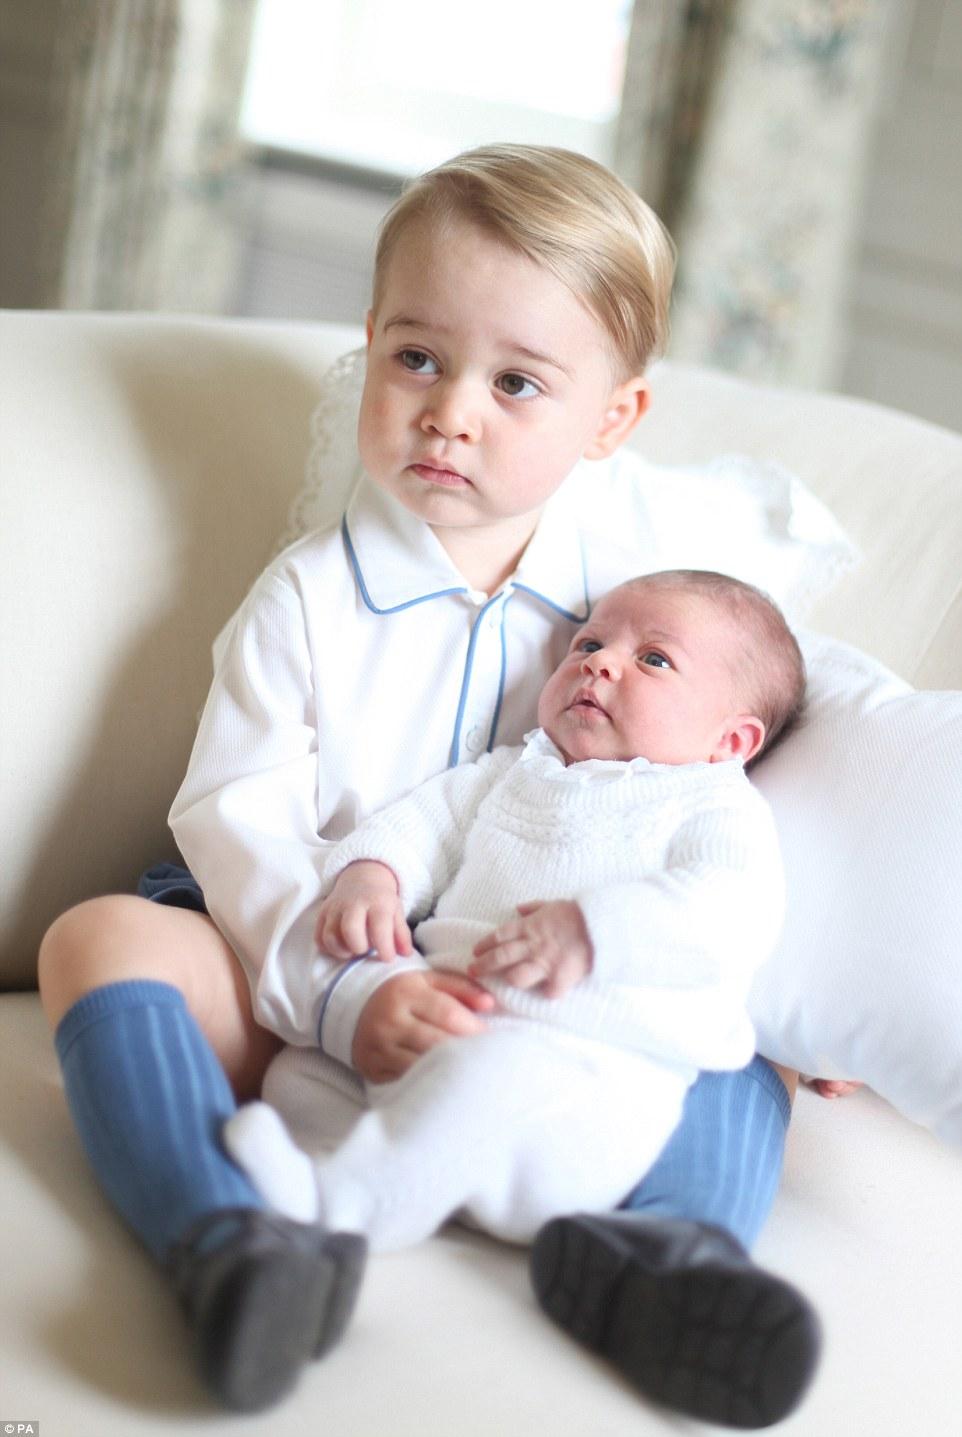 シャーロット王女にキスをする兄ジョージ王子に関連した画像-05